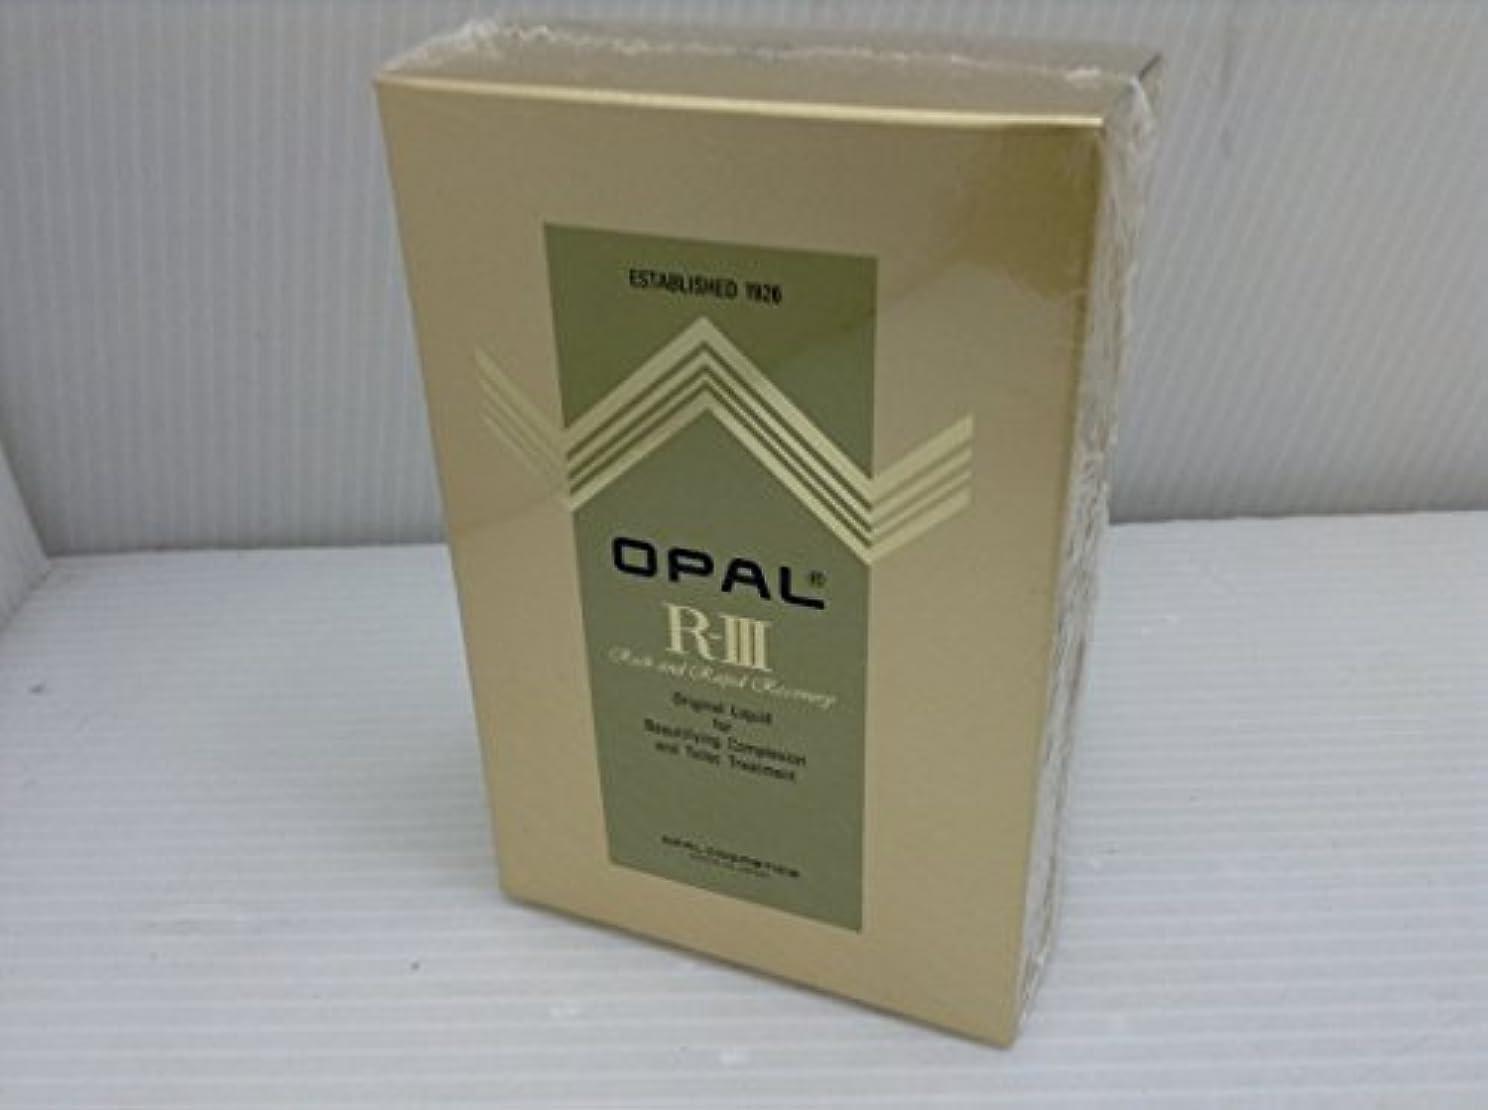 気候の山守る必要条件オパール化粧品 美容原液 薬用オパール R-III (150ml)